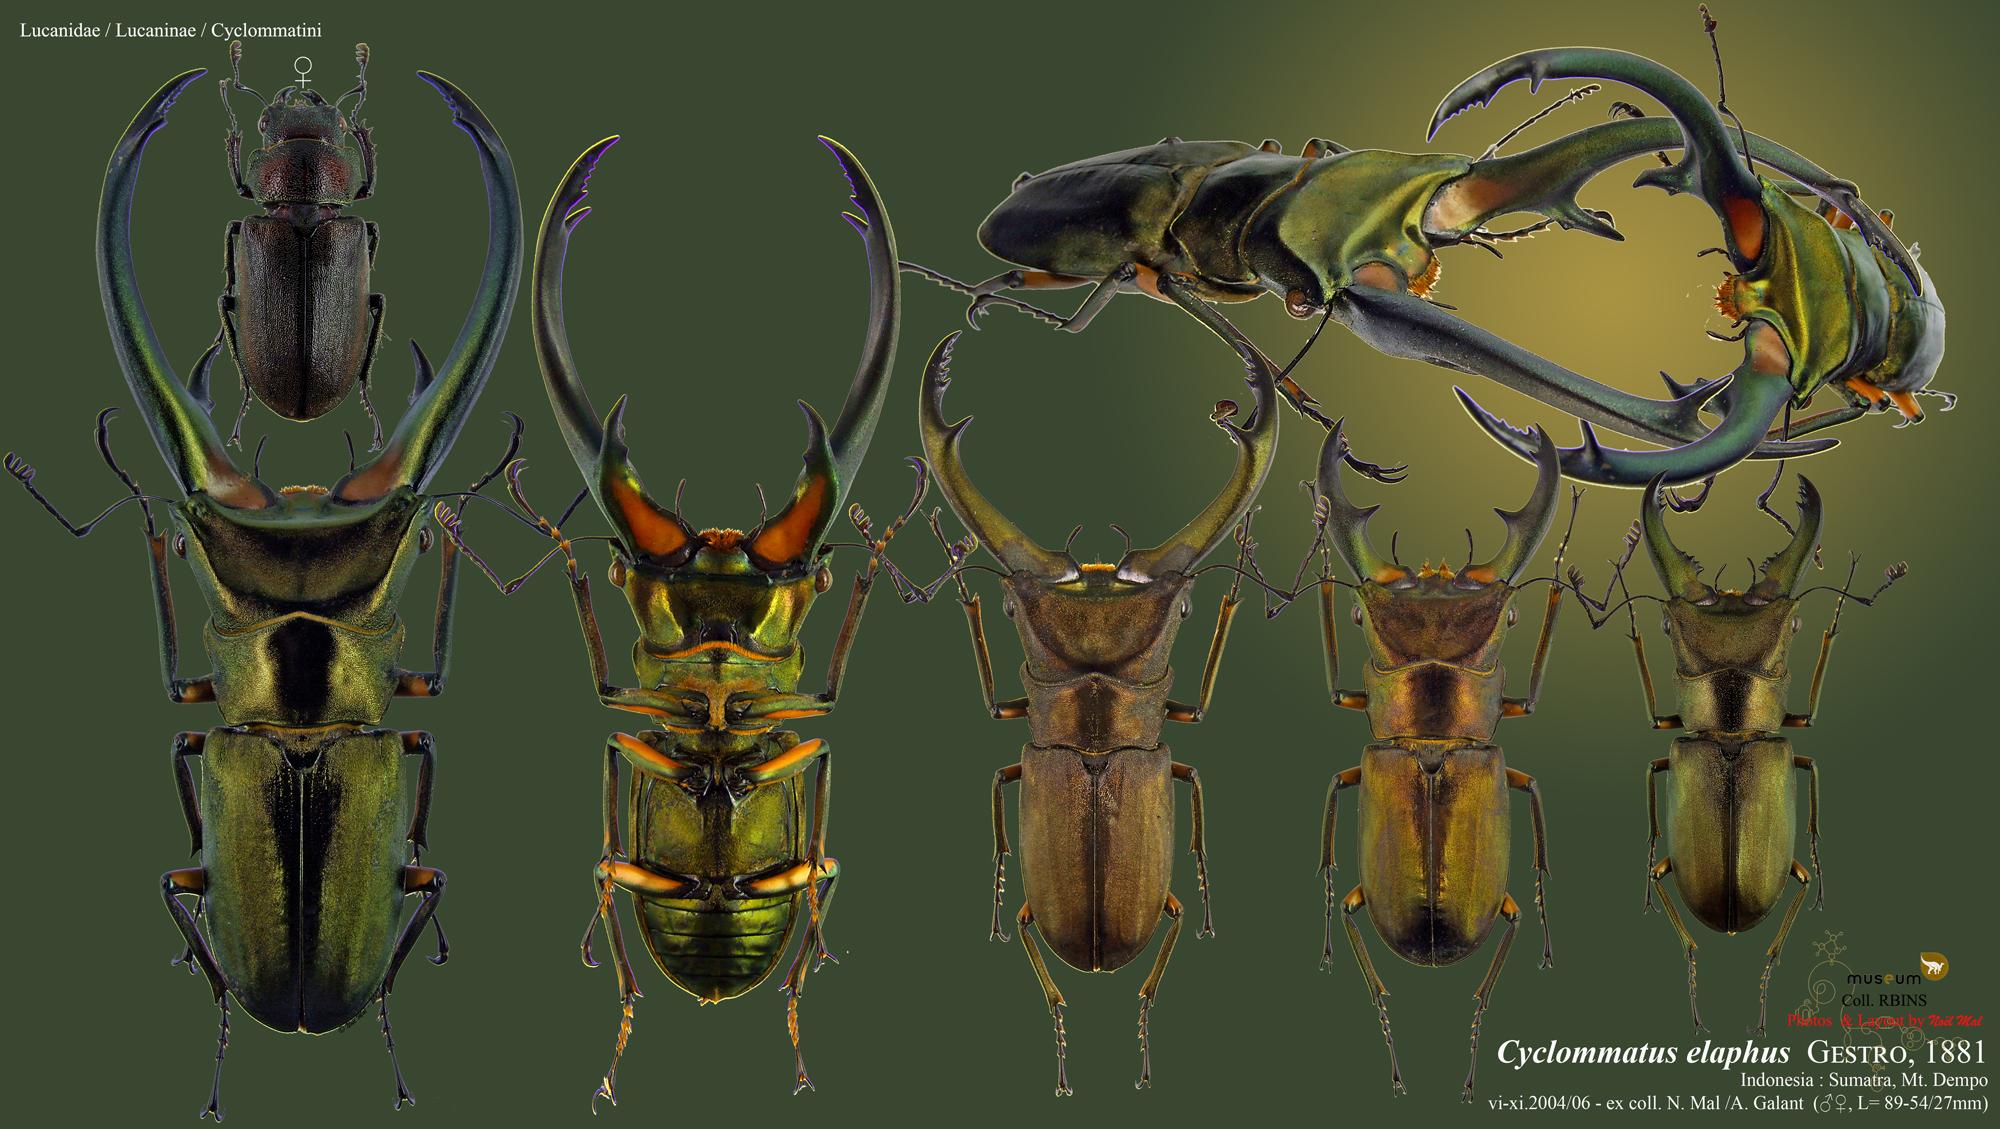 Cyclommatus elaphus elaphus.jpg